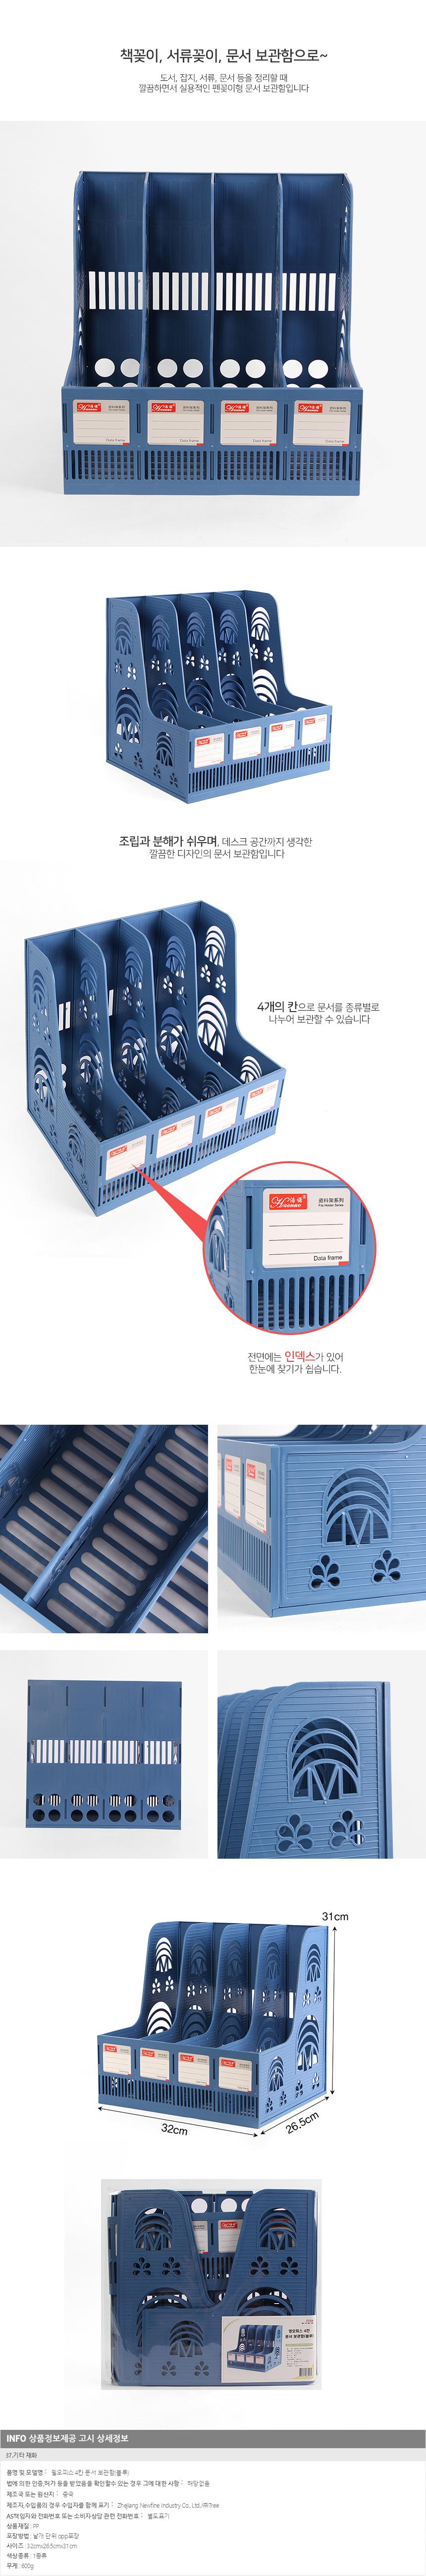 오피스 4칸 문서보관함(블루)/서류정리함 화일박스 - 기프트갓, 5,780원, 문서/서류 정리, 파일/책꽂이